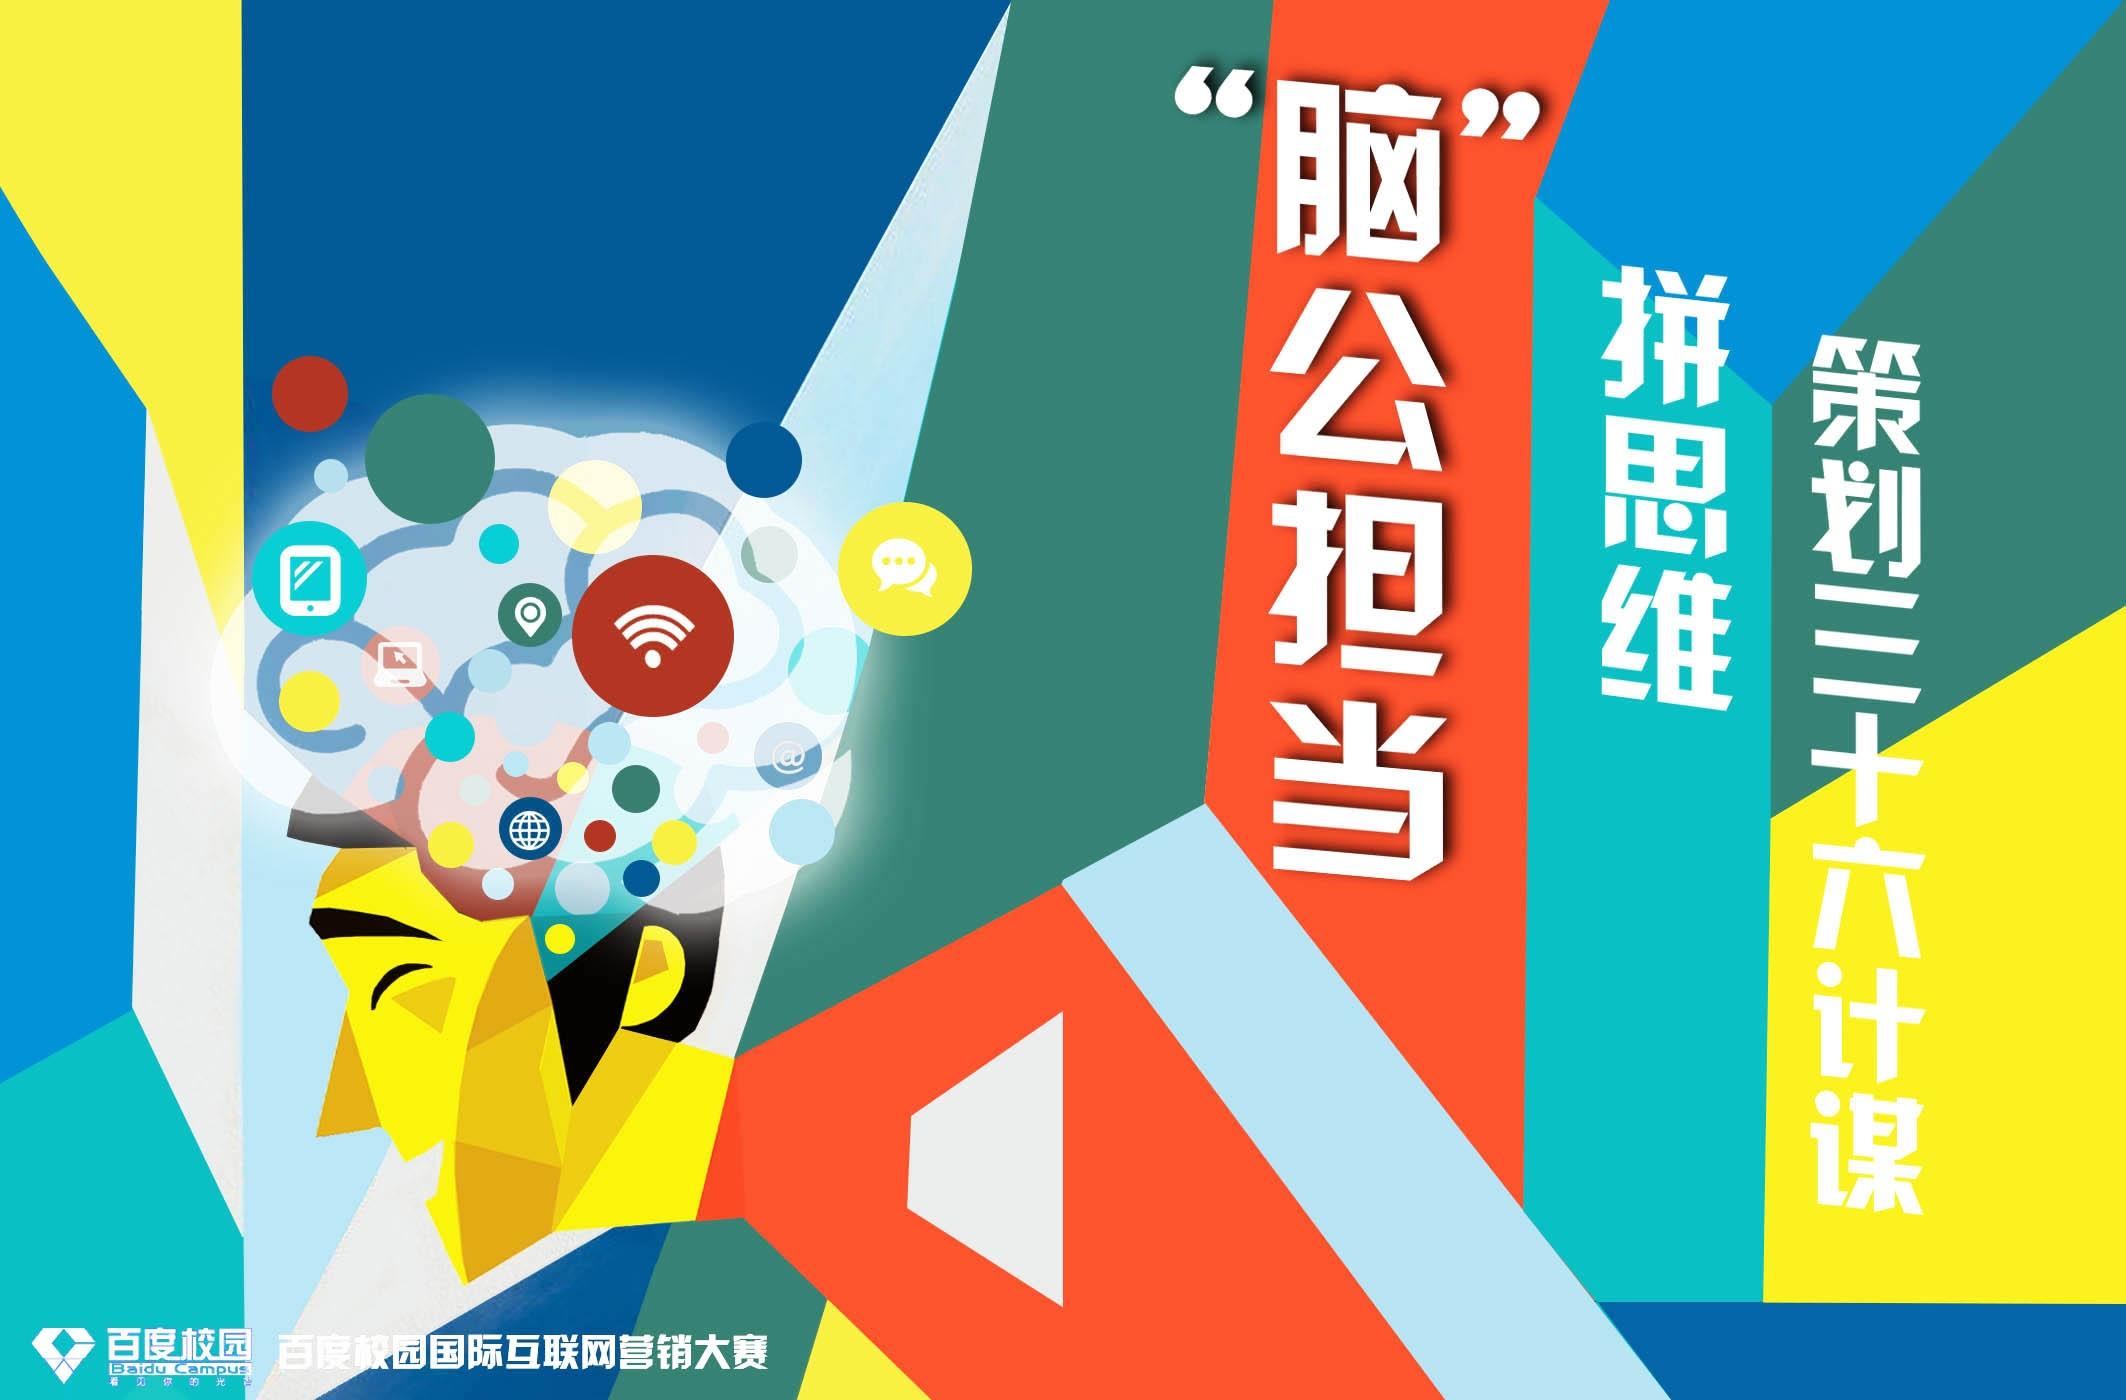 百度校园互联网营销大赛为营销人搭建创意擂台